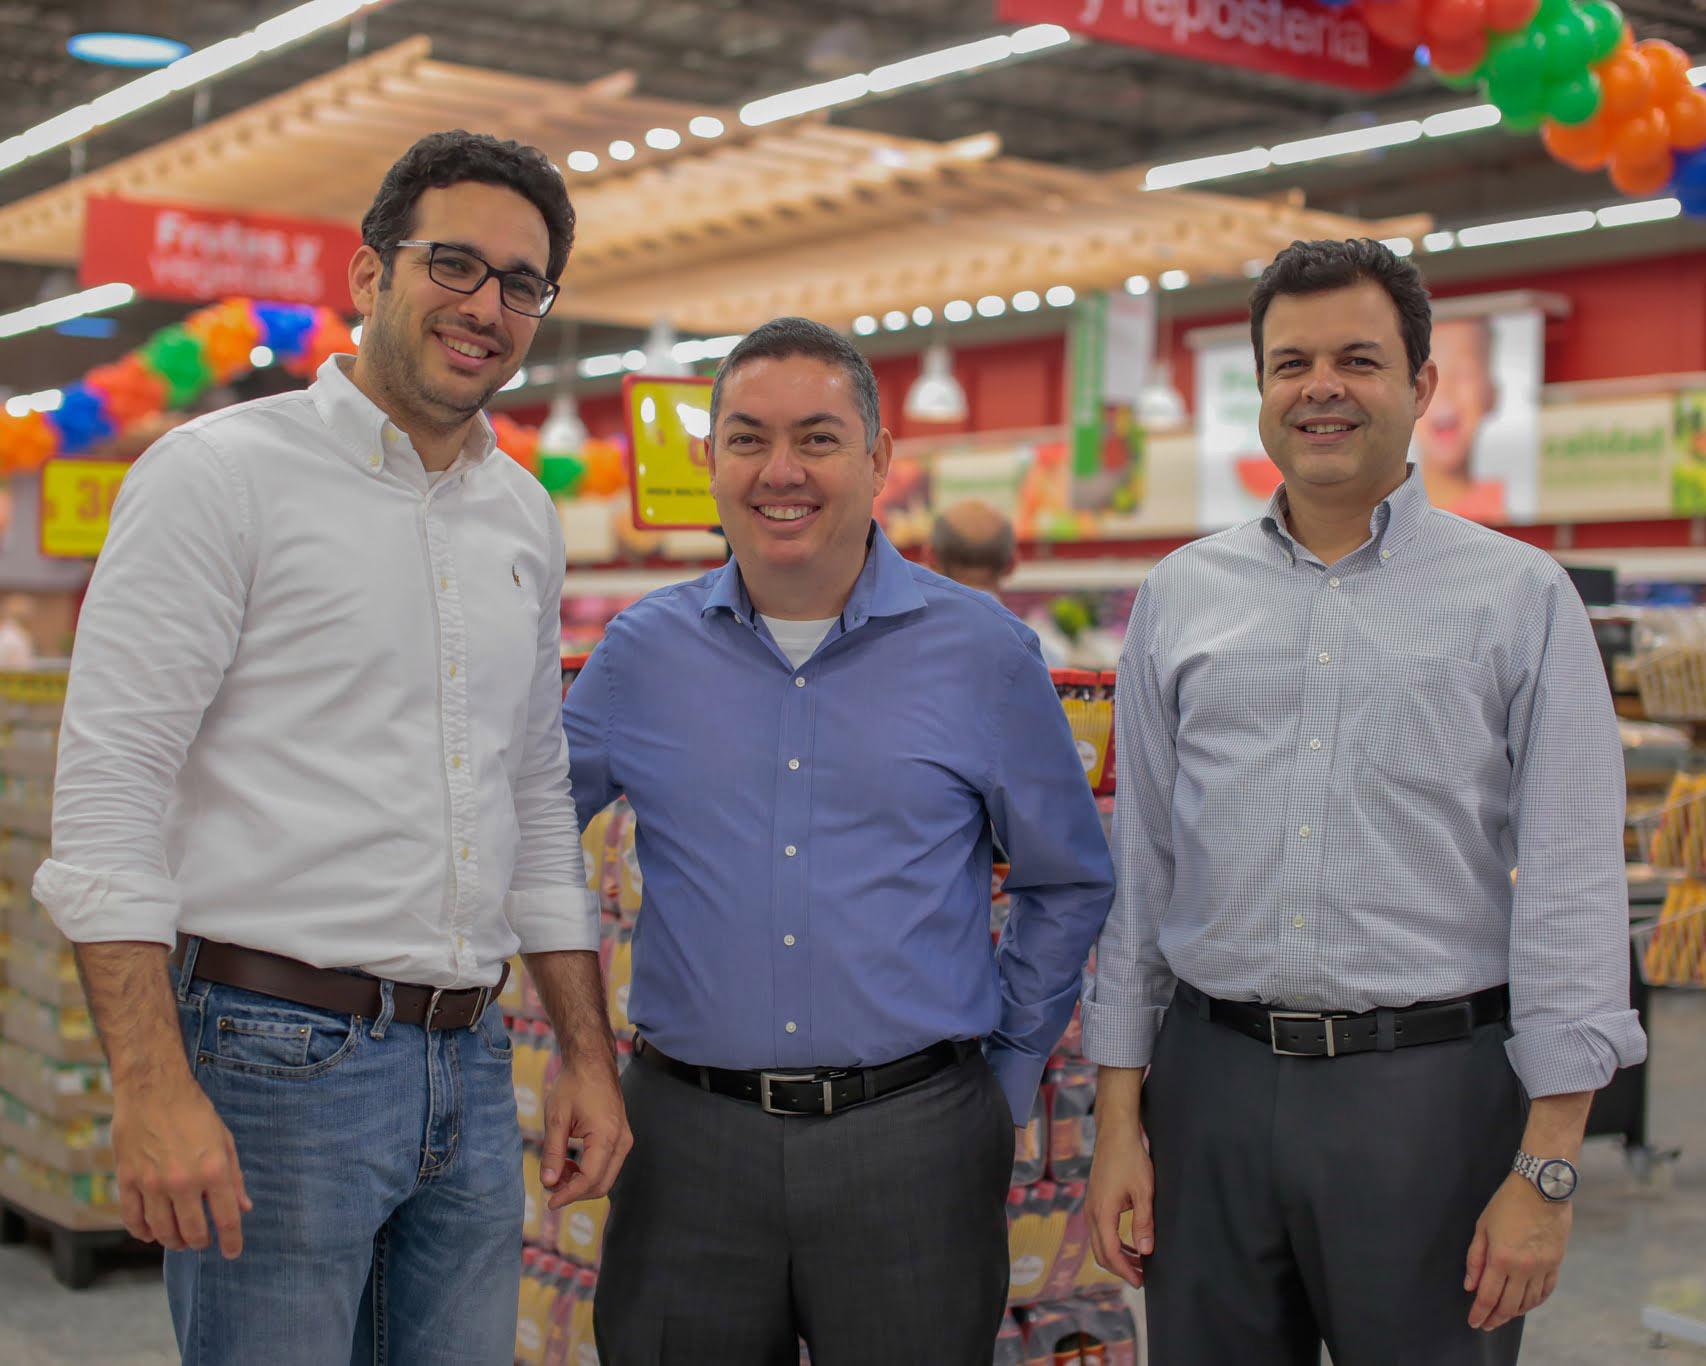 Foto 10 - Julián Elías, Julio Durán y Carlos Cantisano